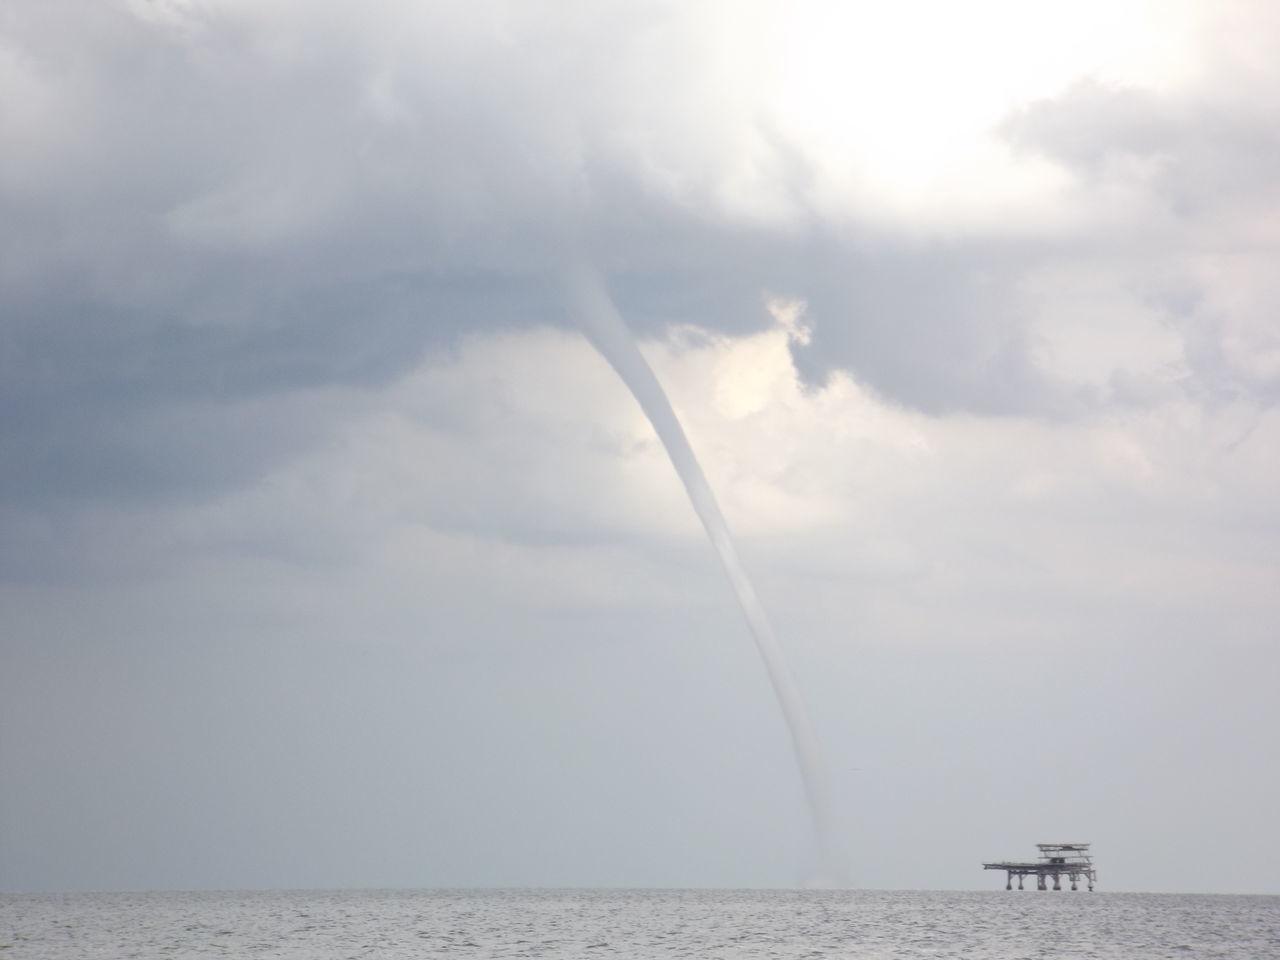 Beautiful stock photos of tornado, sky, nature, day, outdoors